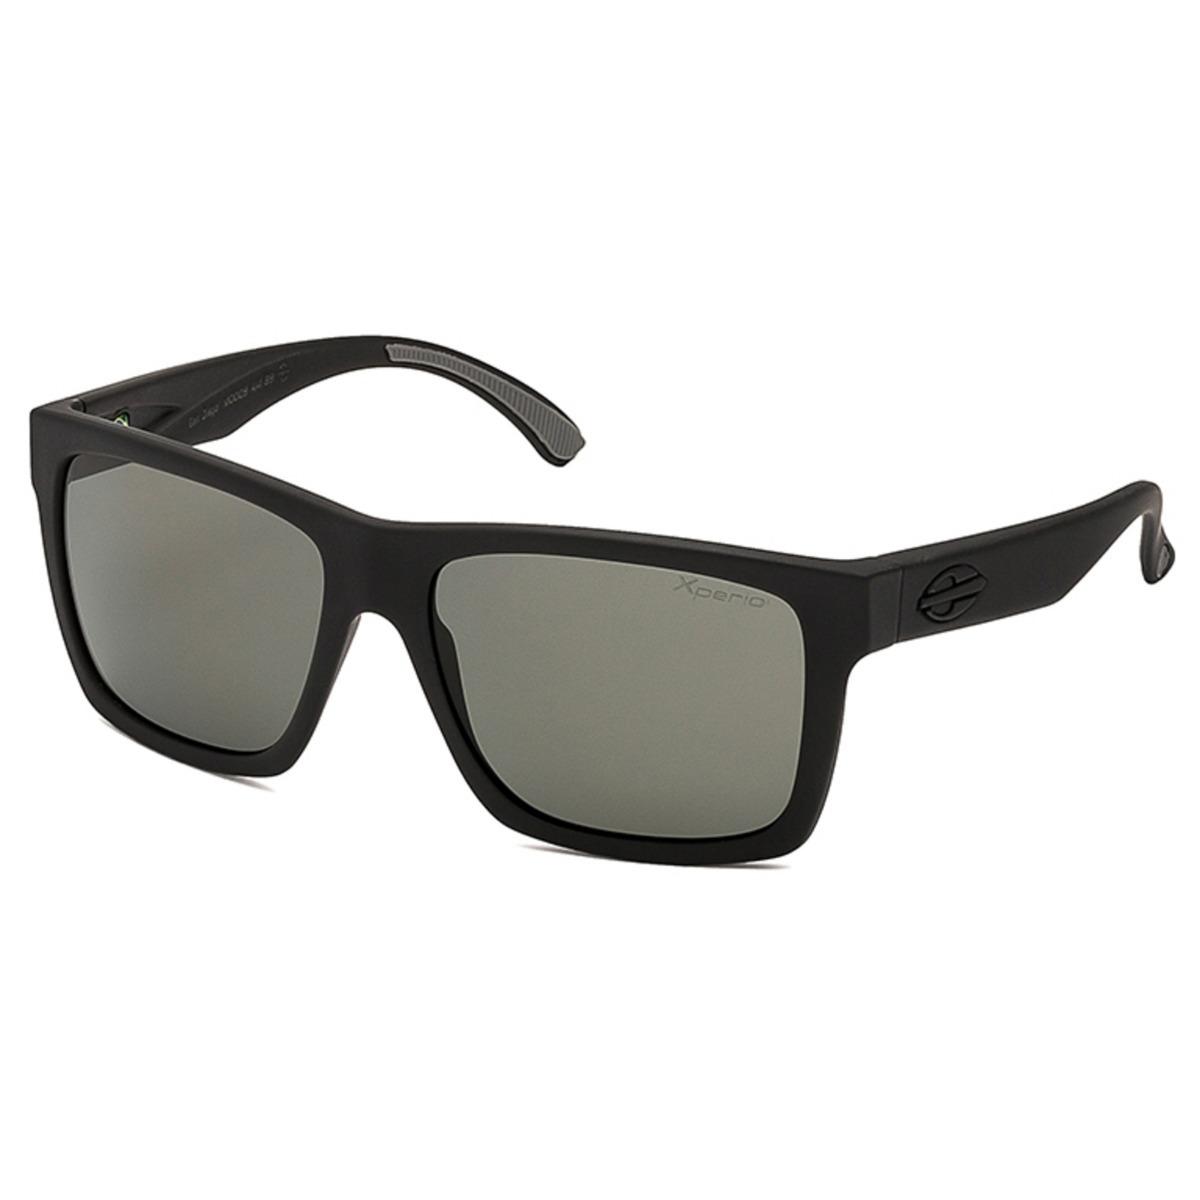 43d12109d0e Óculos De Sol Mormaii San Diego M0009 A14 89 Polarizado - R  364